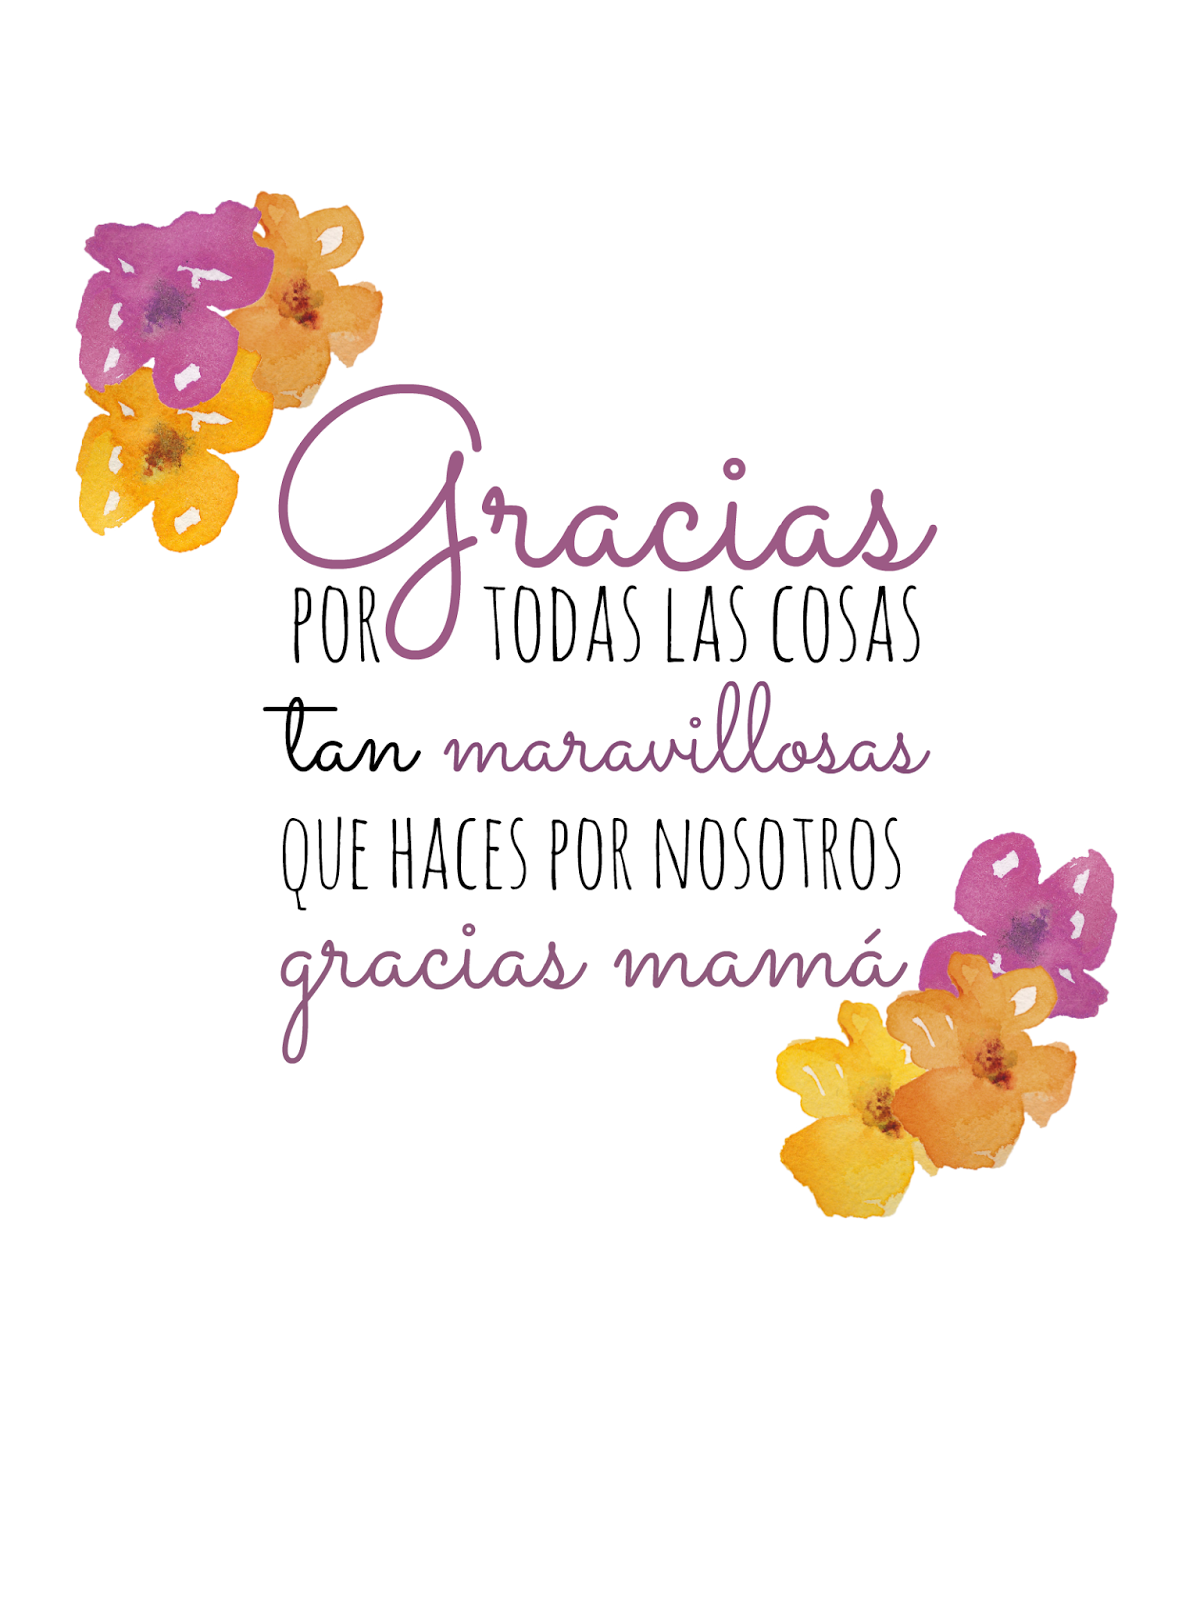 dikt födelsedagskort Pin tillagd av paola borquez på Día de la mamá | Pinterest  dikt födelsedagskort